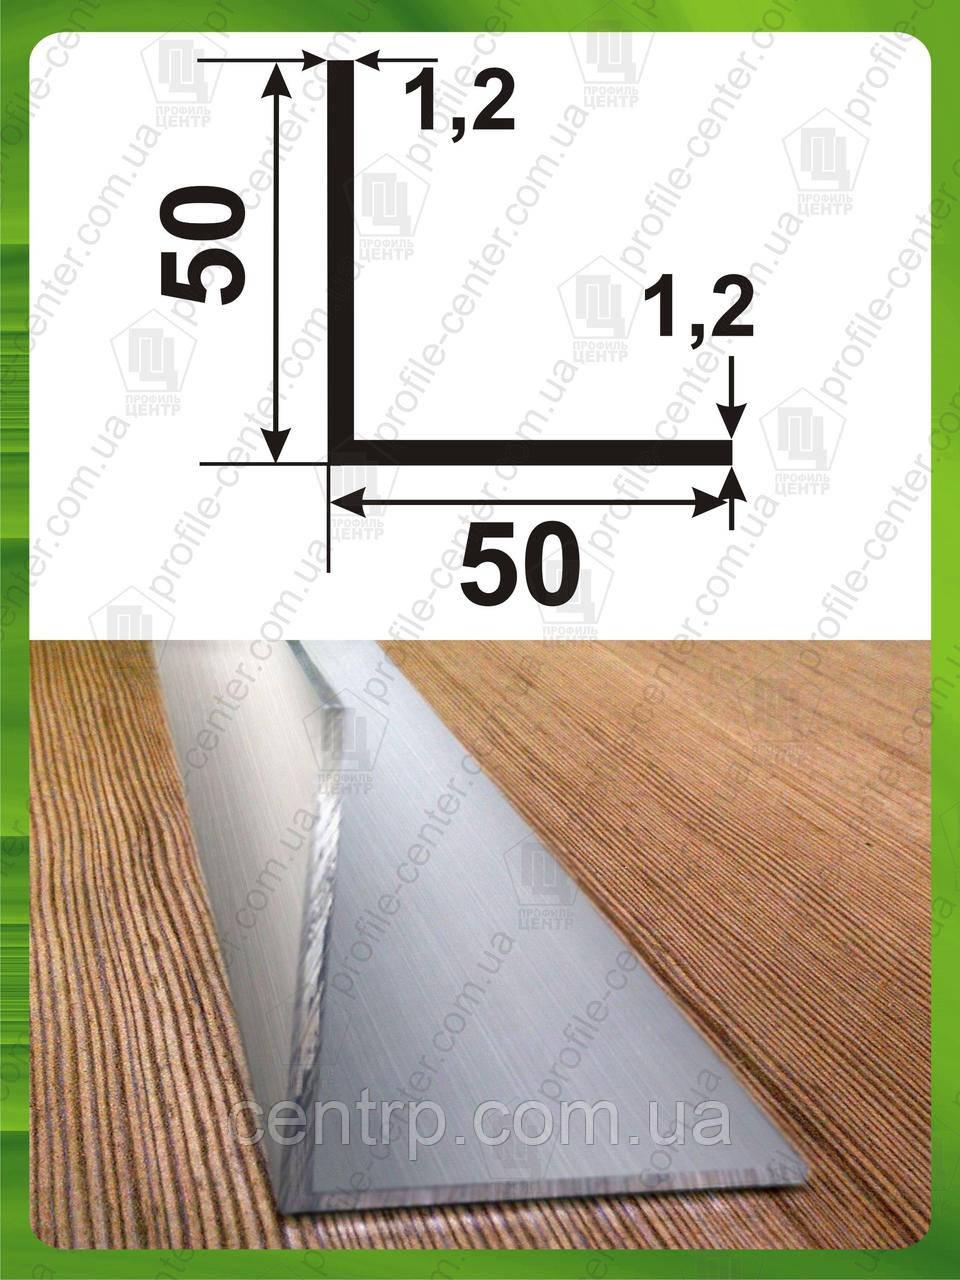 Уголок алюминиевый 50х50х1,2 равнополочный равносторонний